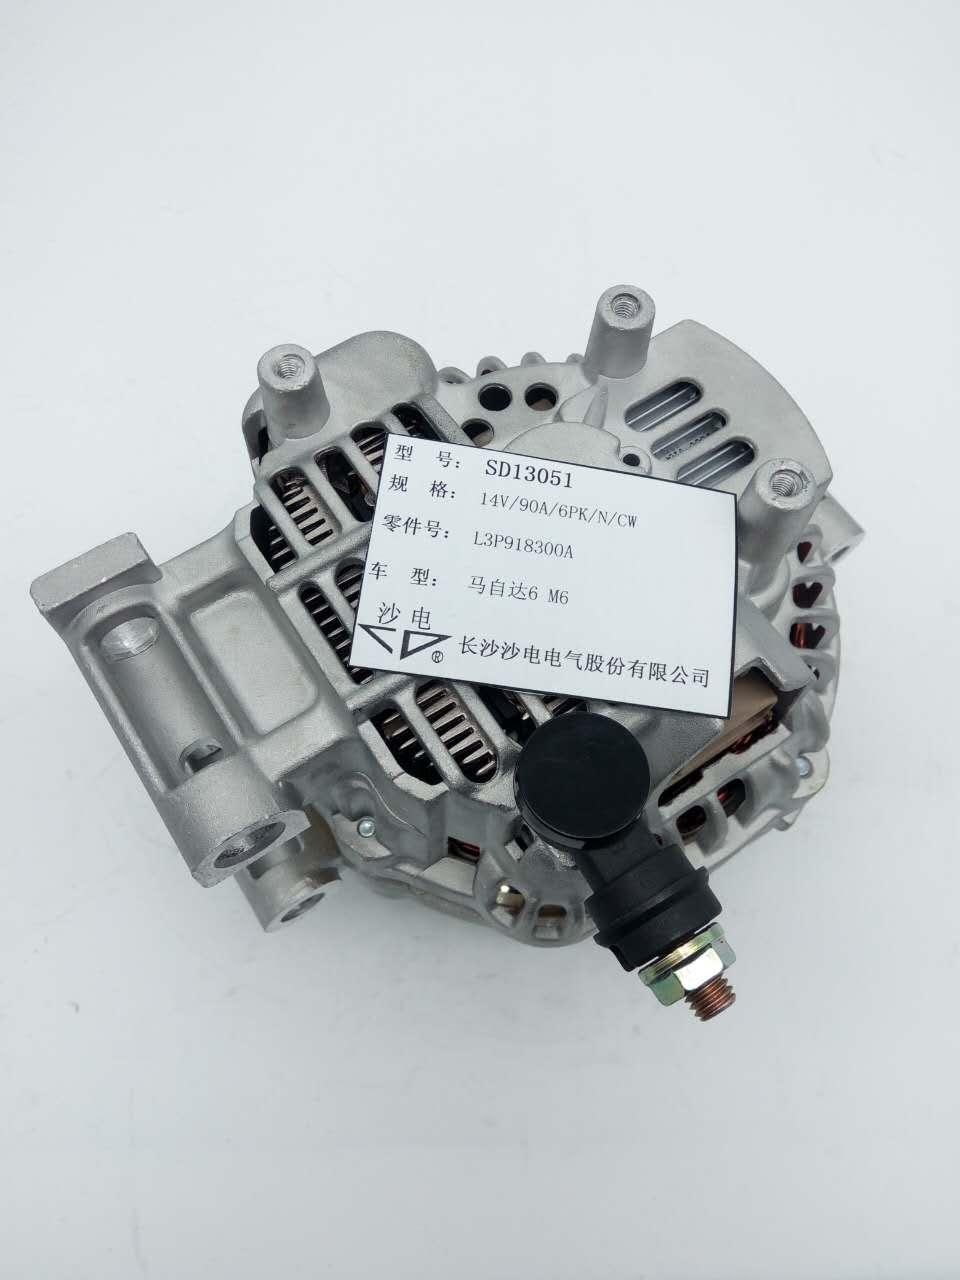 三菱發電機L3P918300A適用于馬自達6 M6